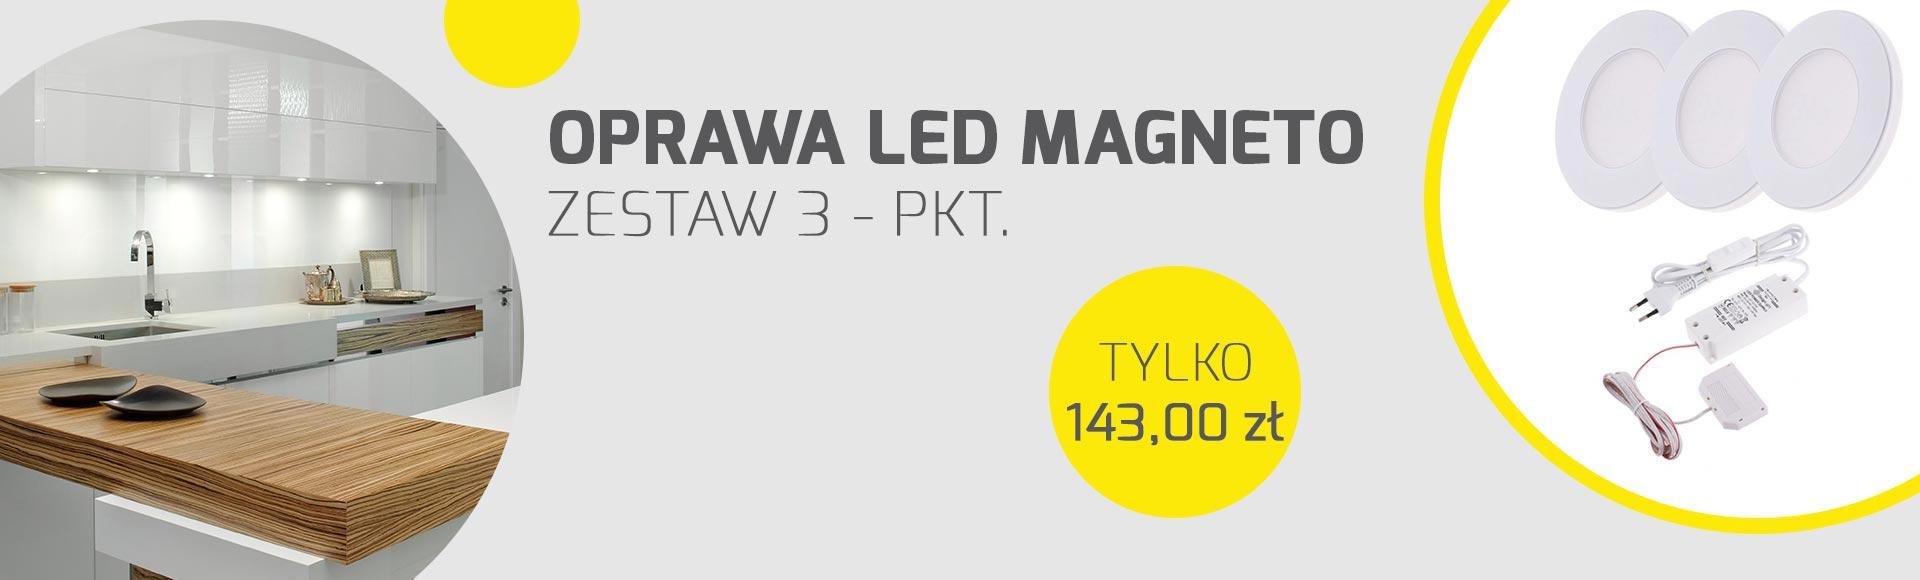 Magneto - oświetlenie LED